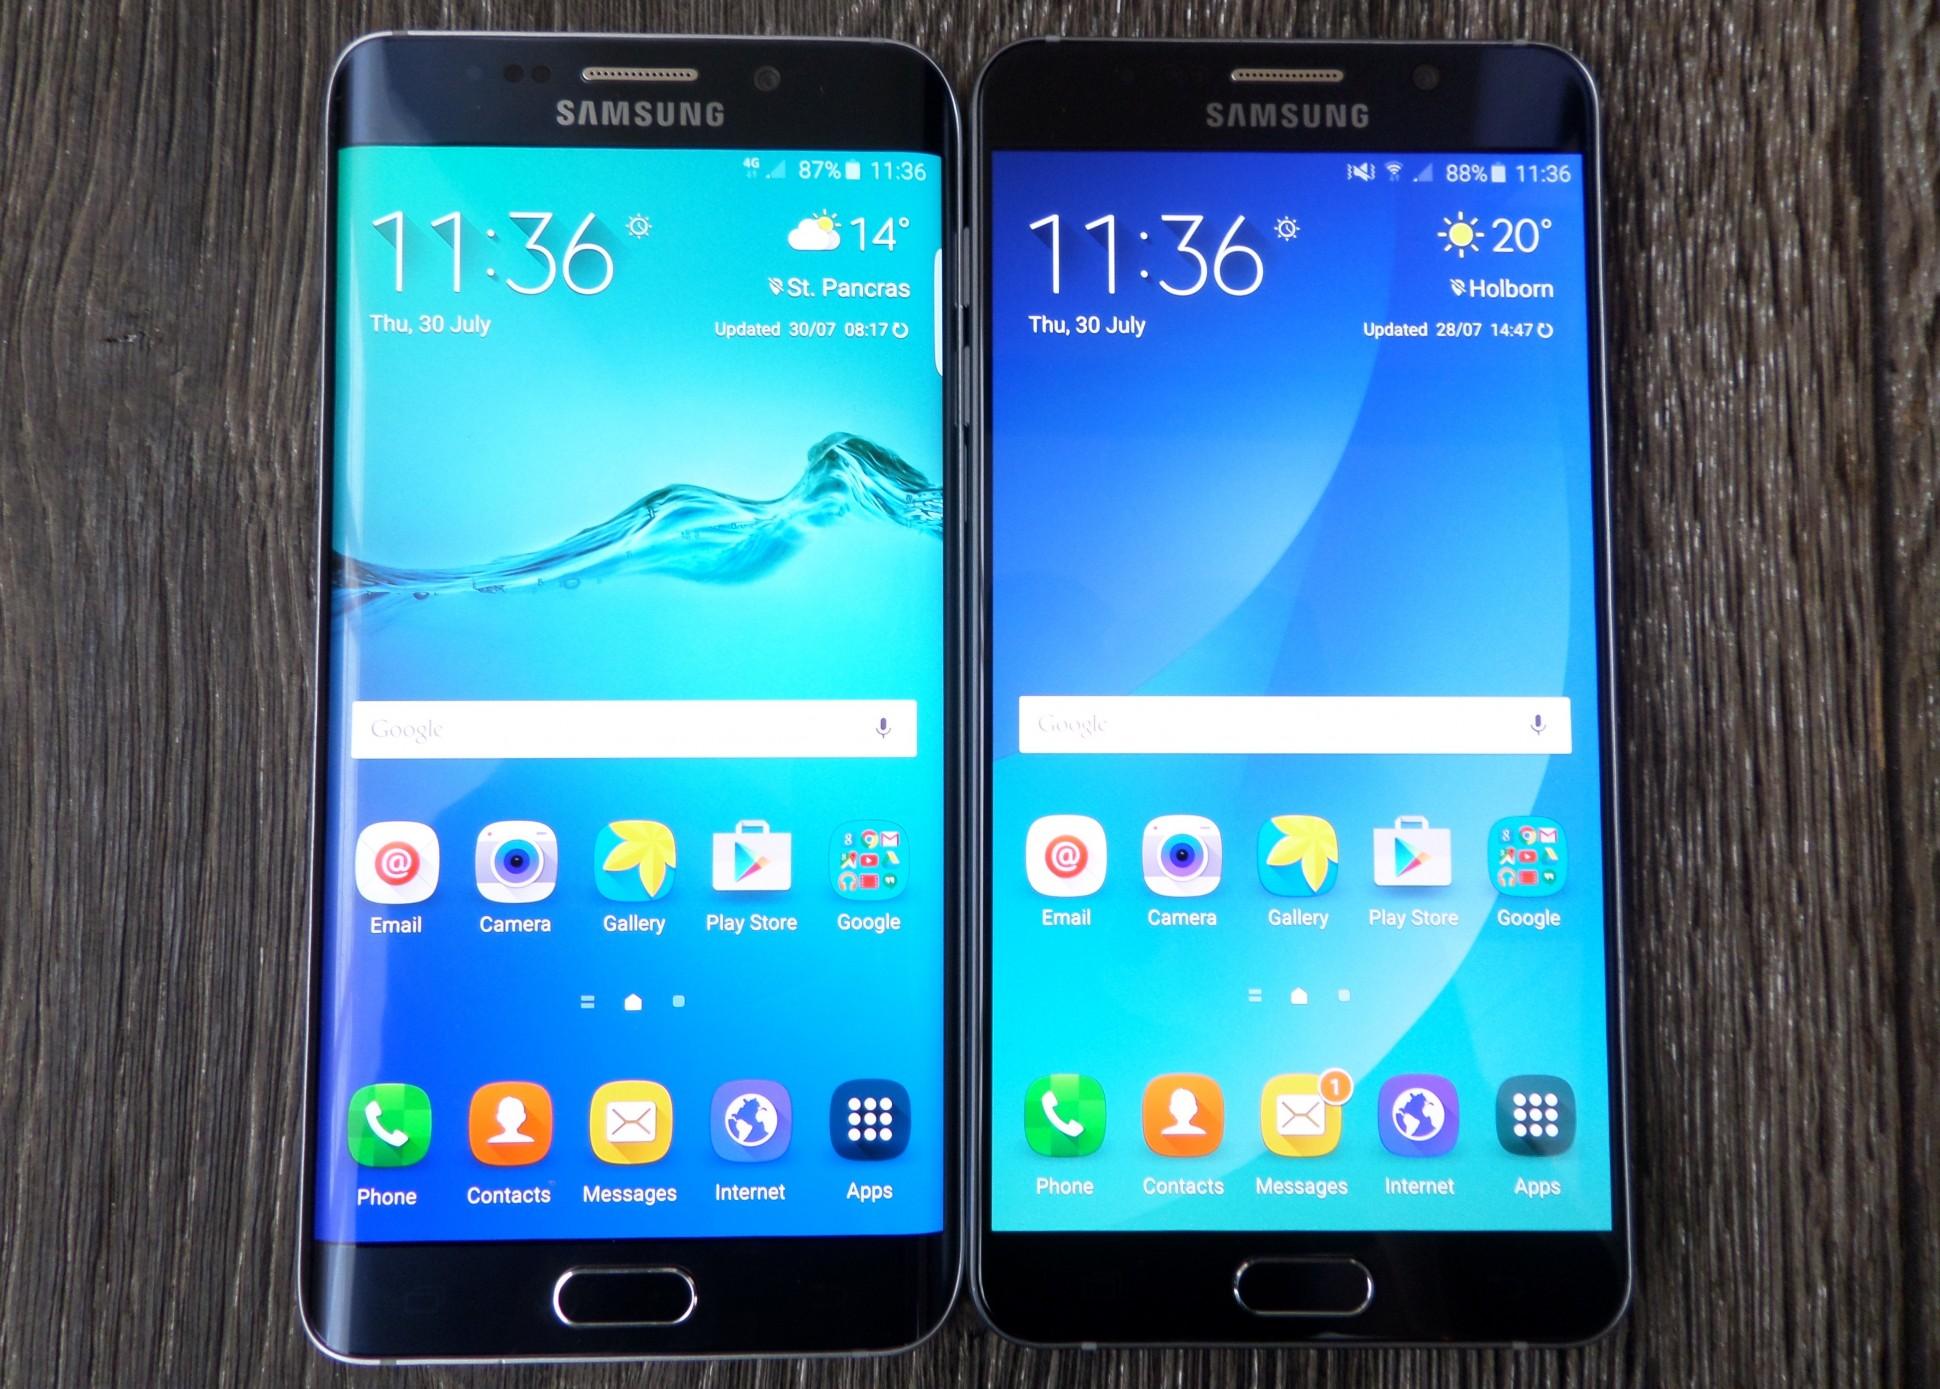 Le principali differenze tra Galaxy Note 5 e Galaxy S7 2